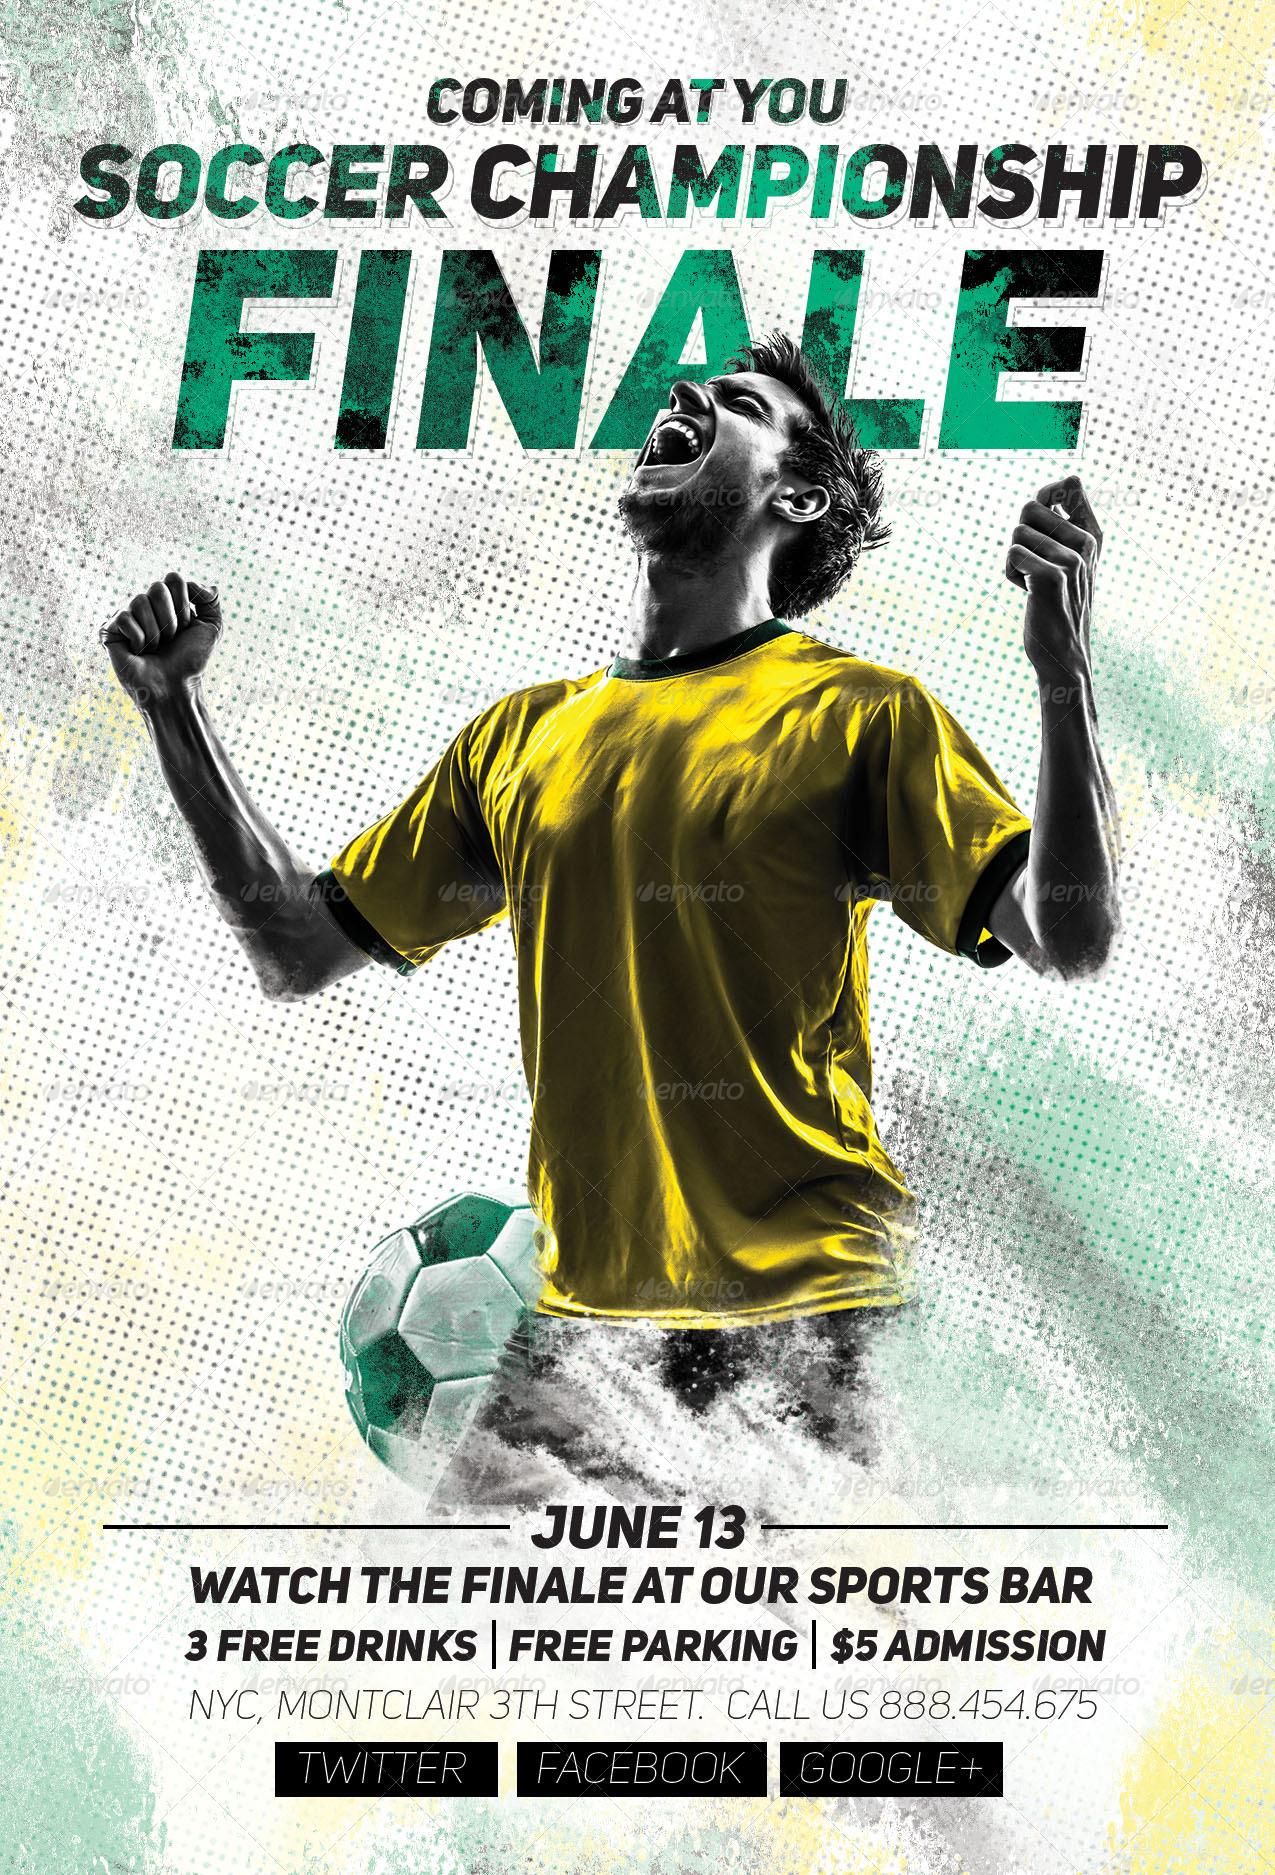 soccer championship finale flyer by sanchyz